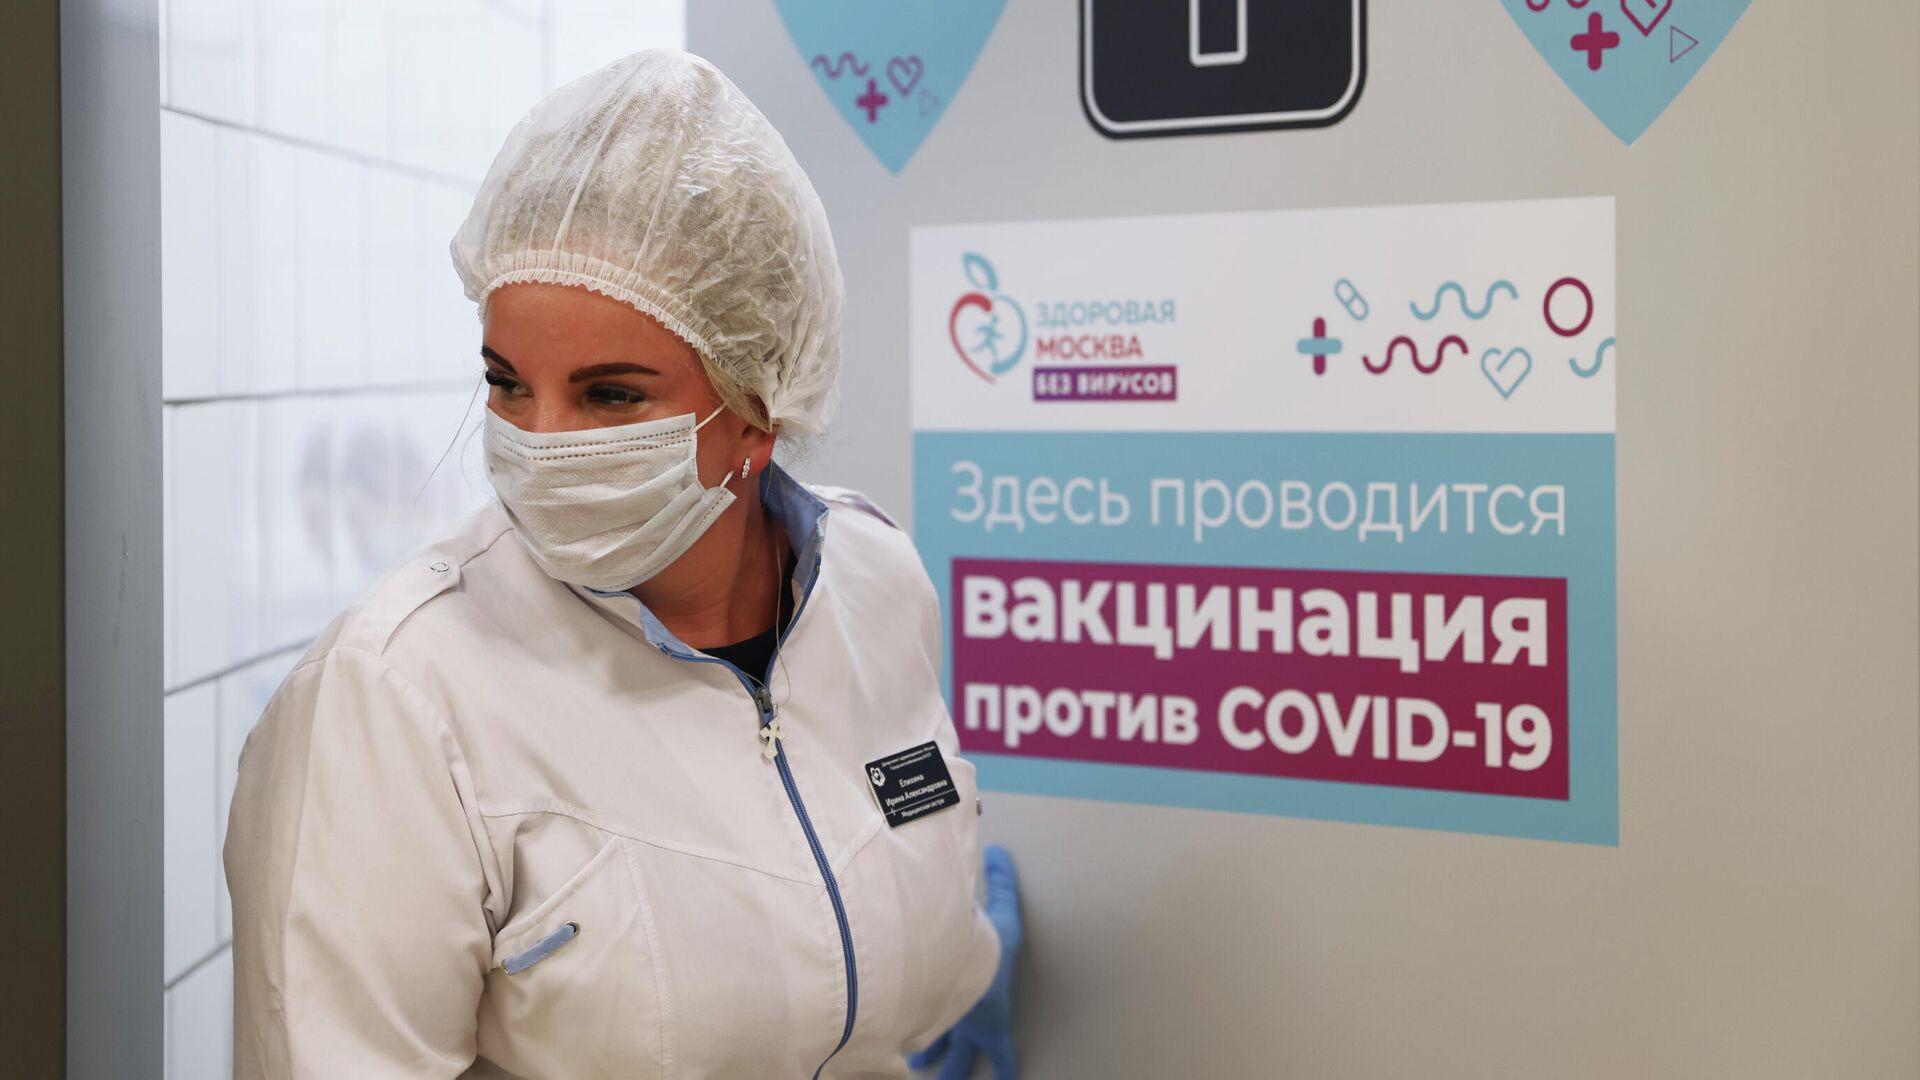 Вакцинация от COVID-19 в гипермаркете Глобус в Москве - РИА Новости, 1920, 01.07.2021